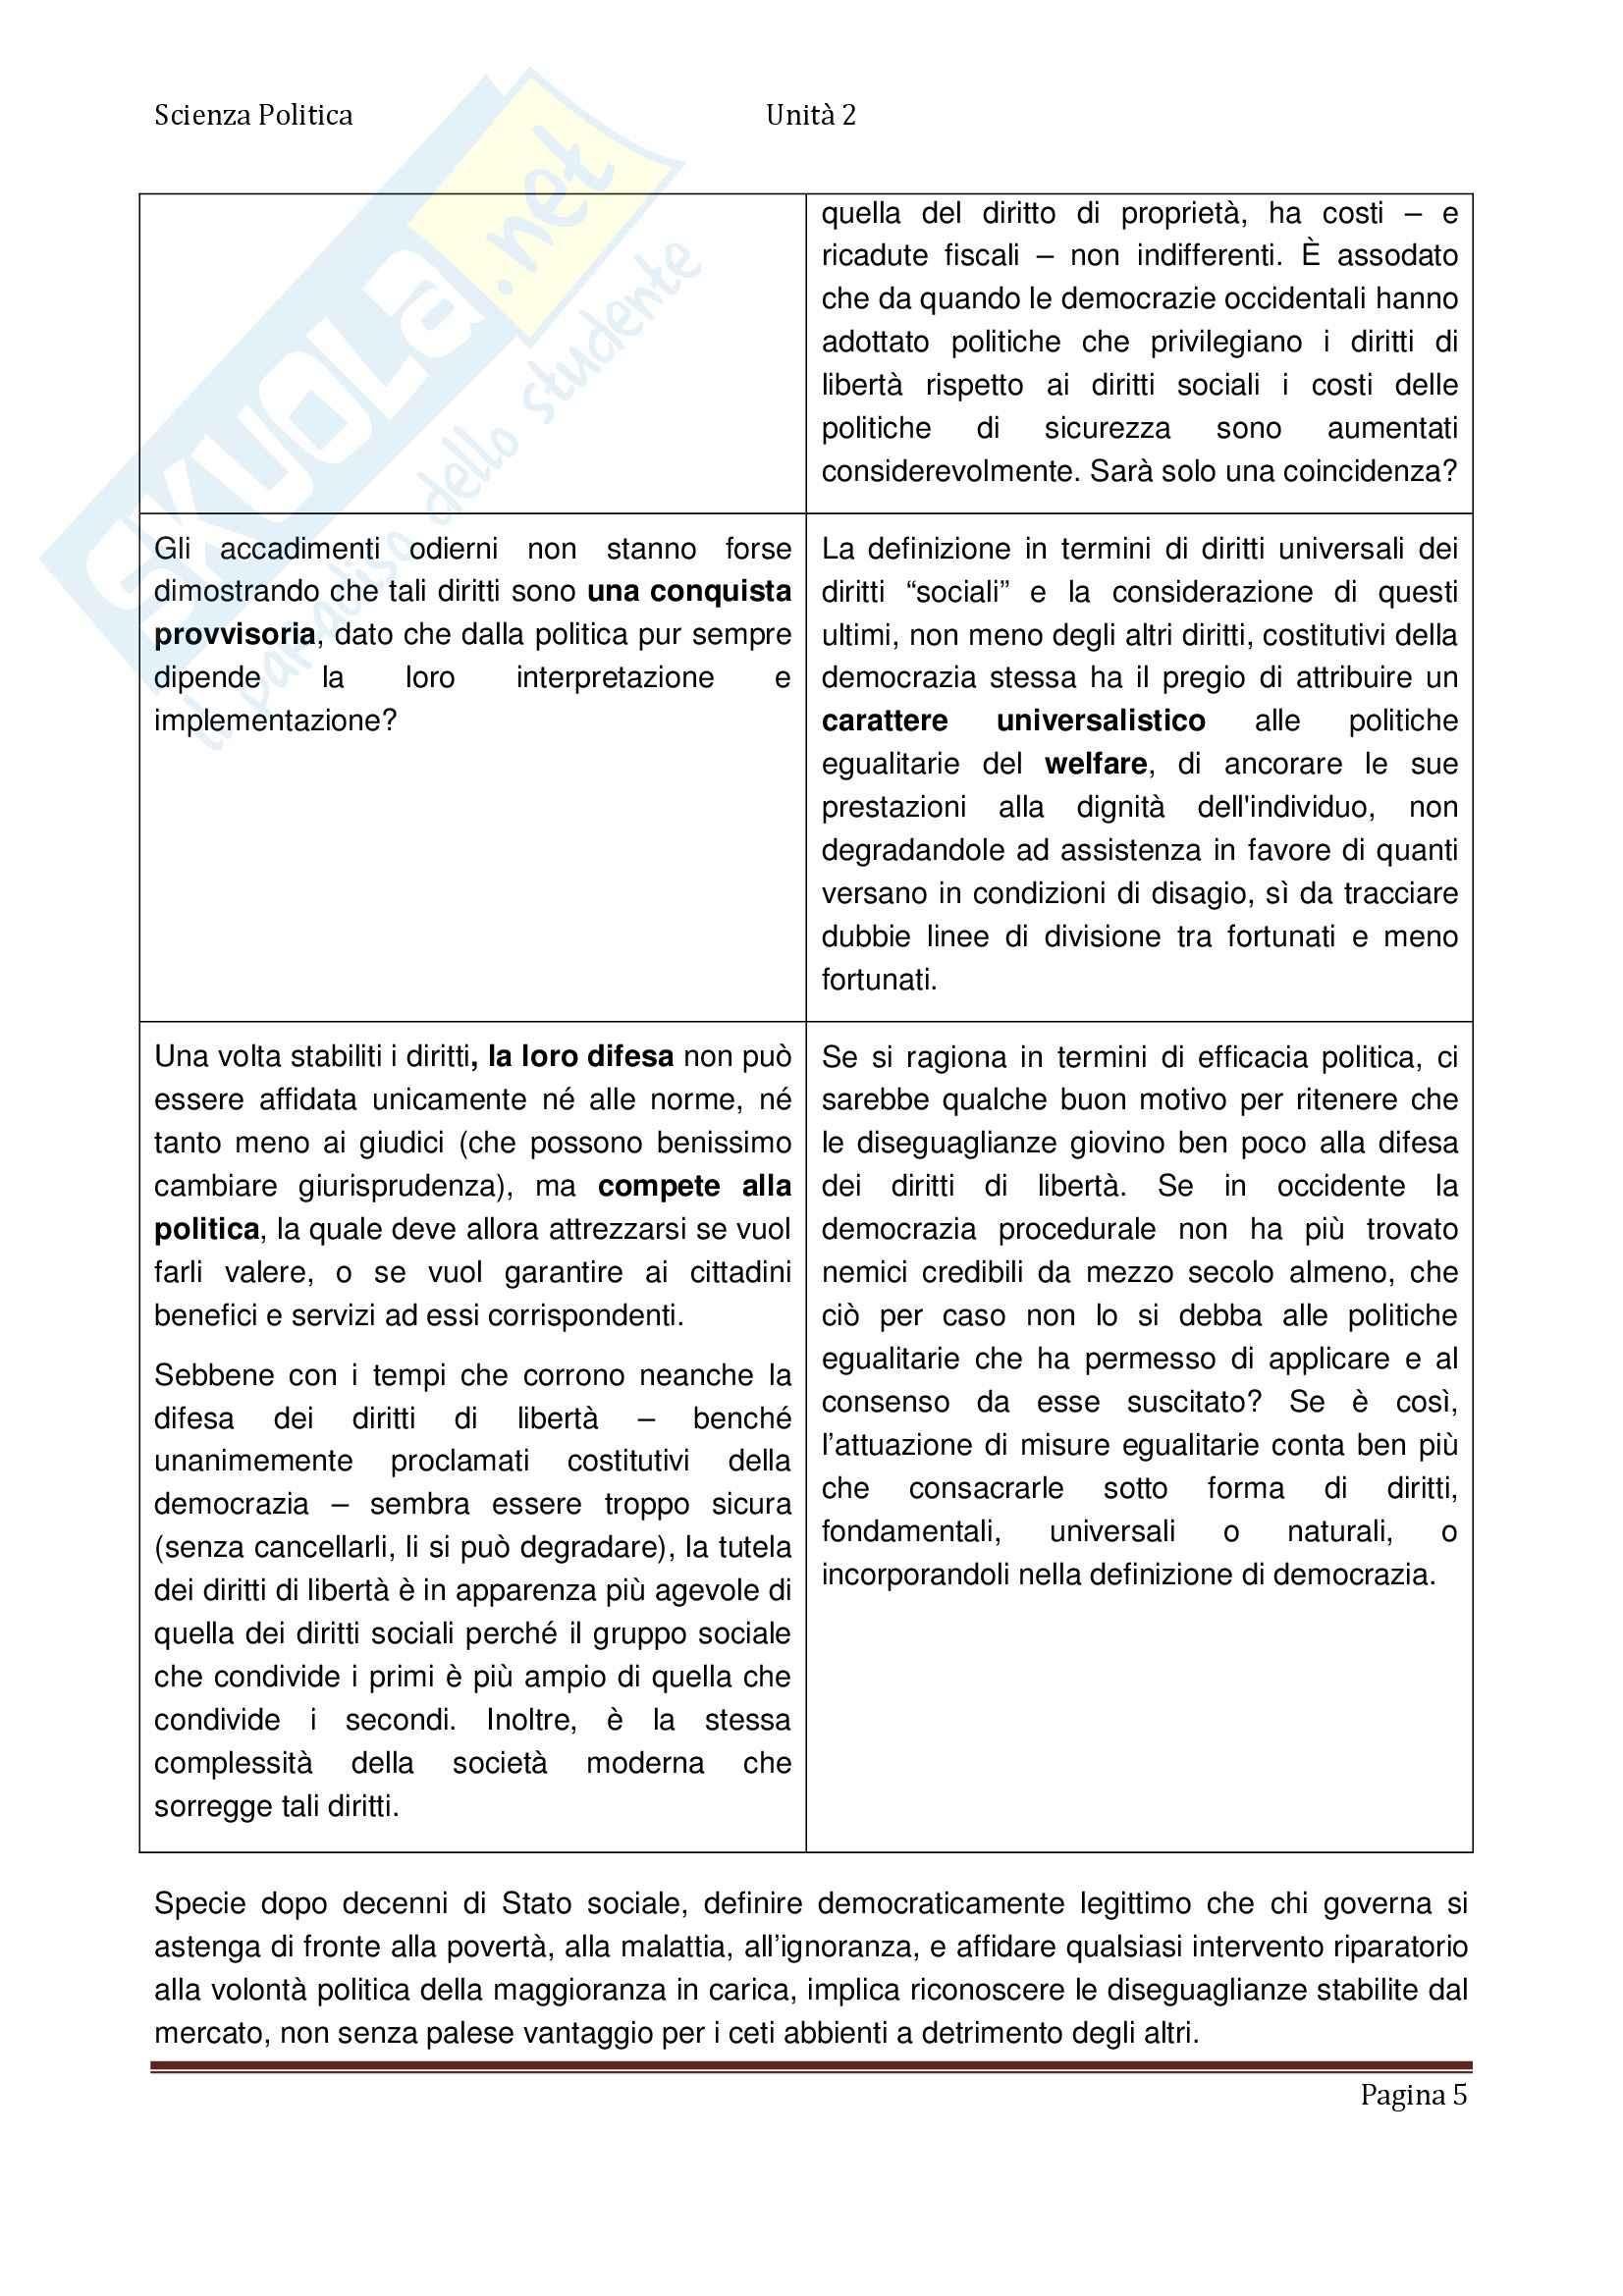 Scienza politica - Appunti Pag. 26